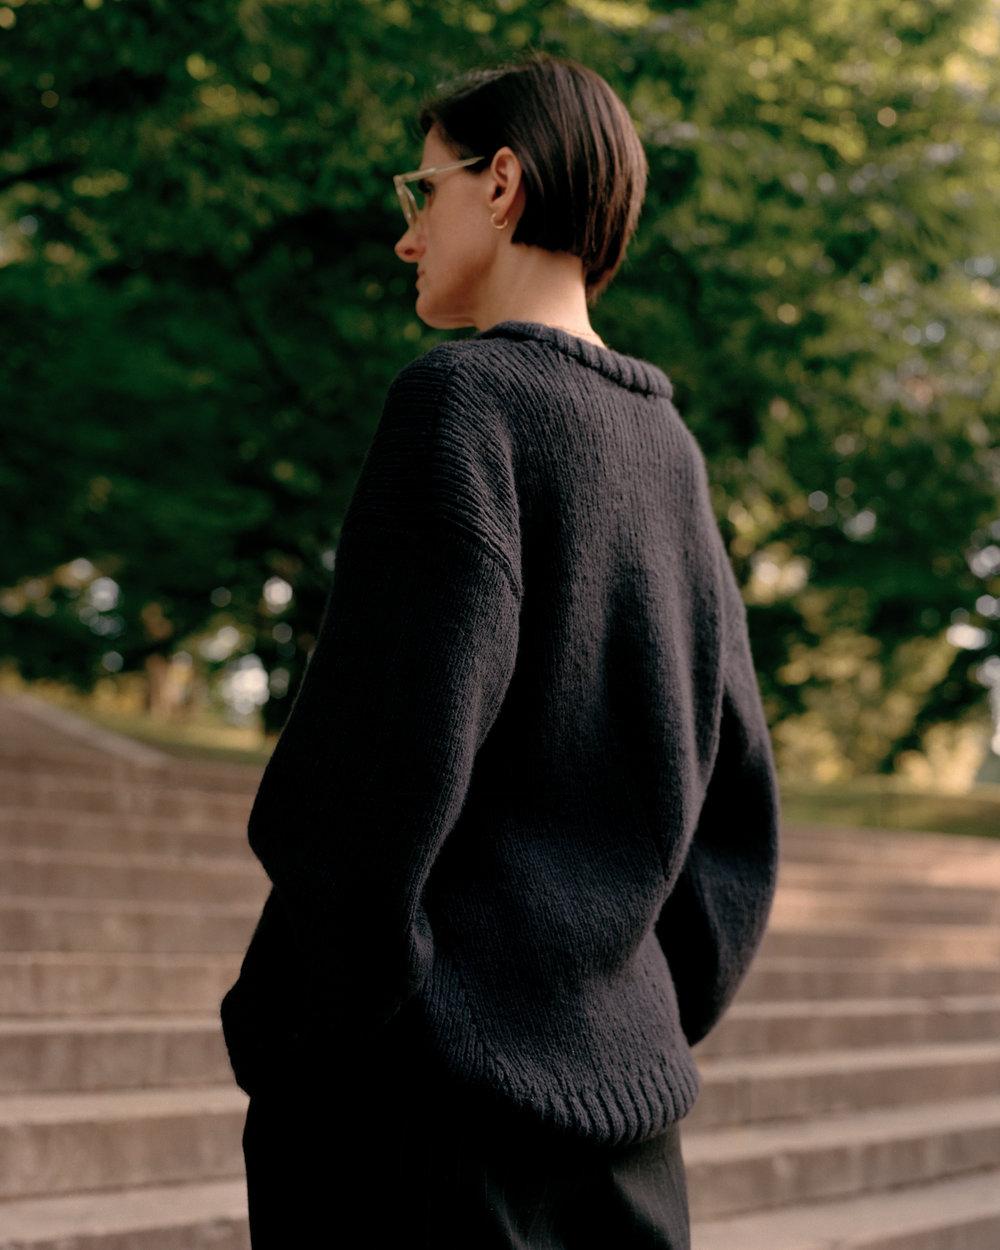 RykerAllenAARSweaters (2 of 12).jpg